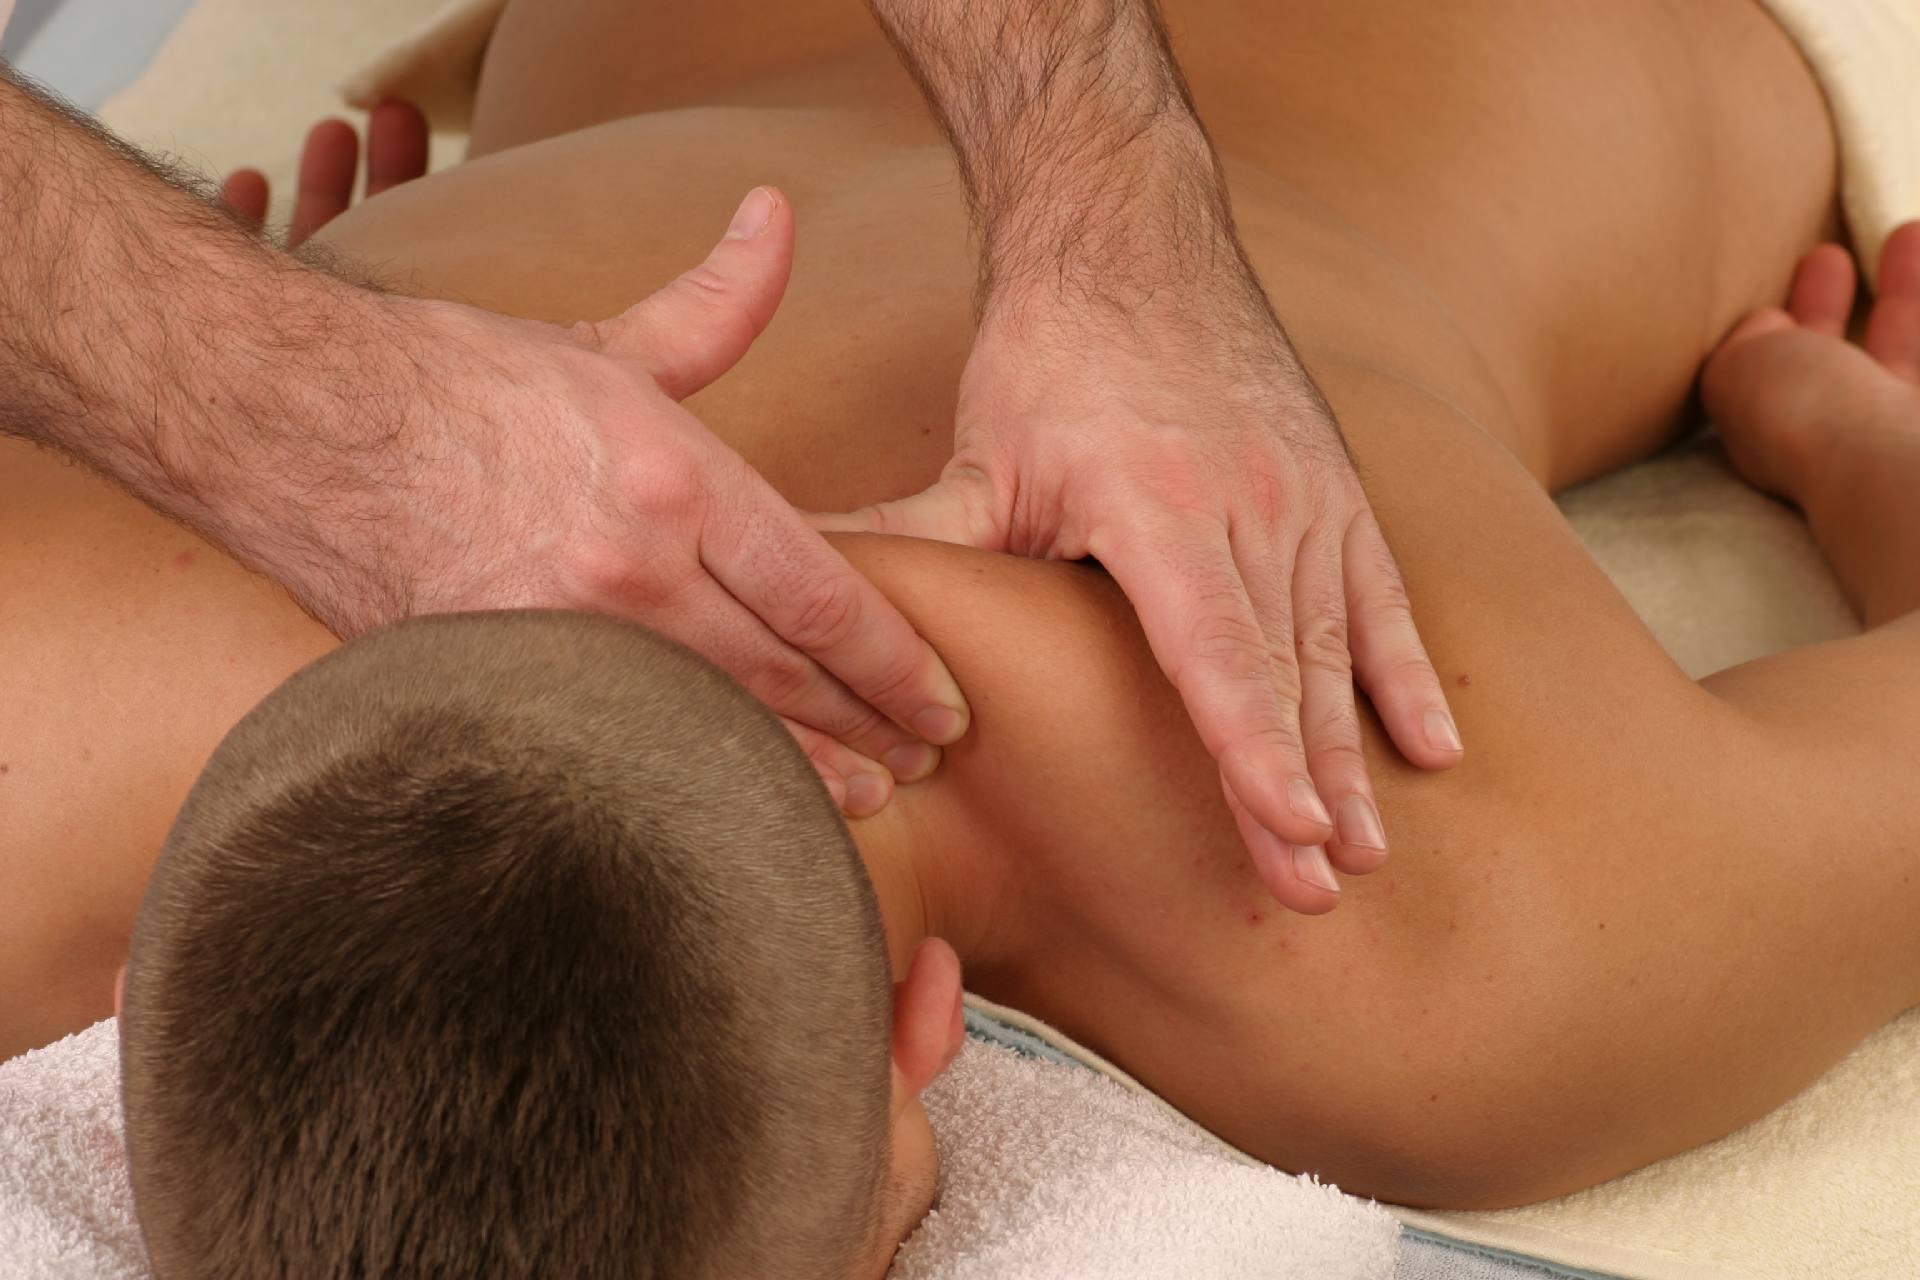 Brustkorb und Hals